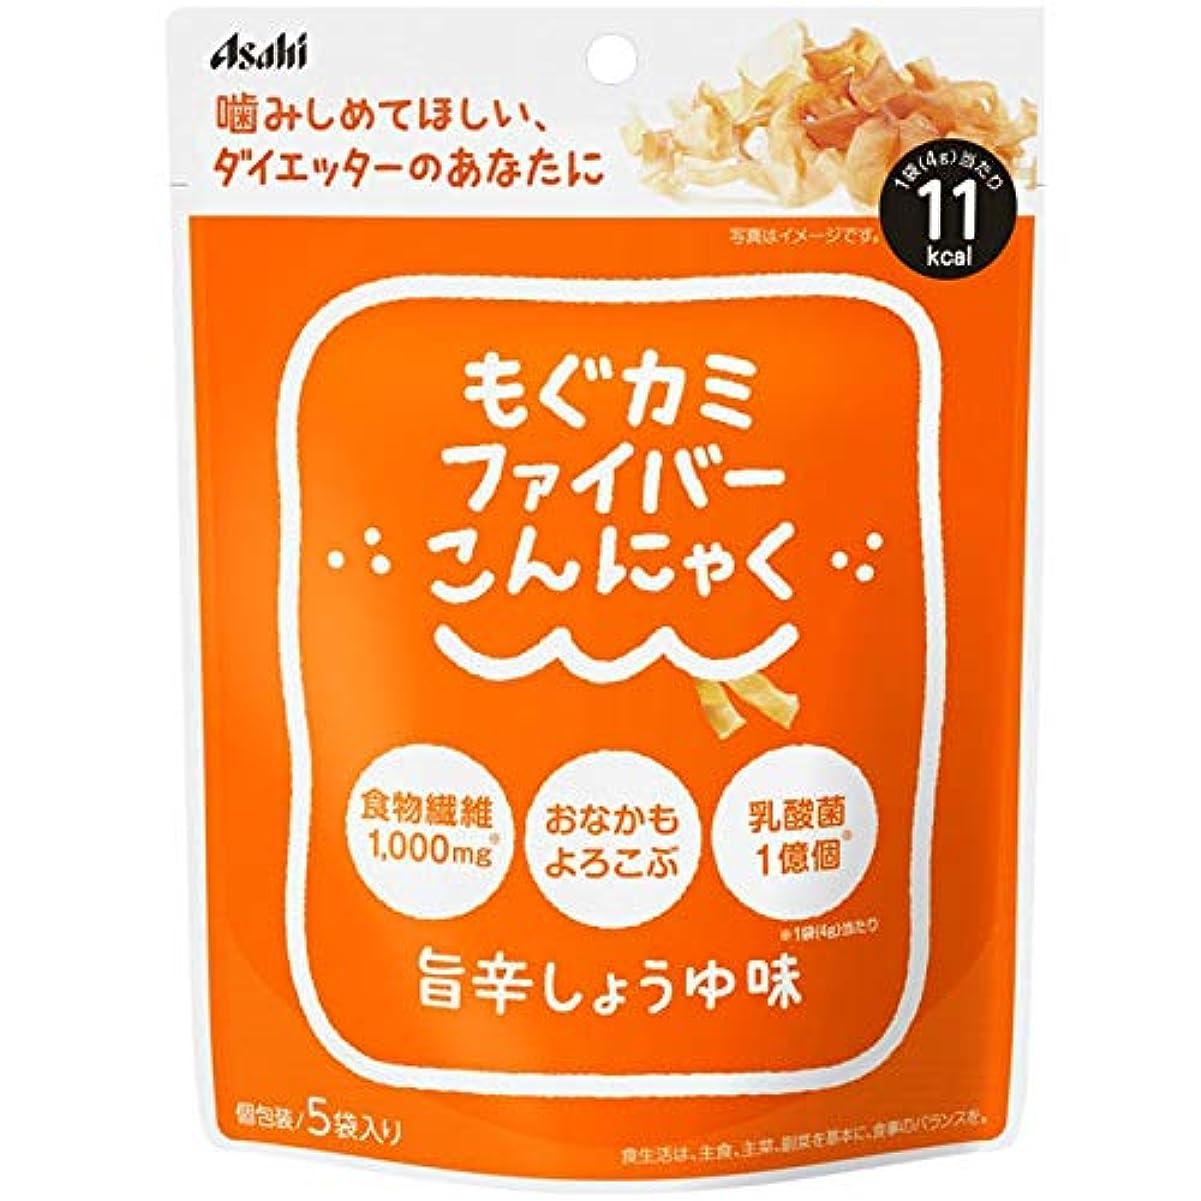 はげメダリスト回転する◆アサヒグループ食品 もぐカミファイバーこんにゃく 旨辛しょうゆ味 4g×5袋